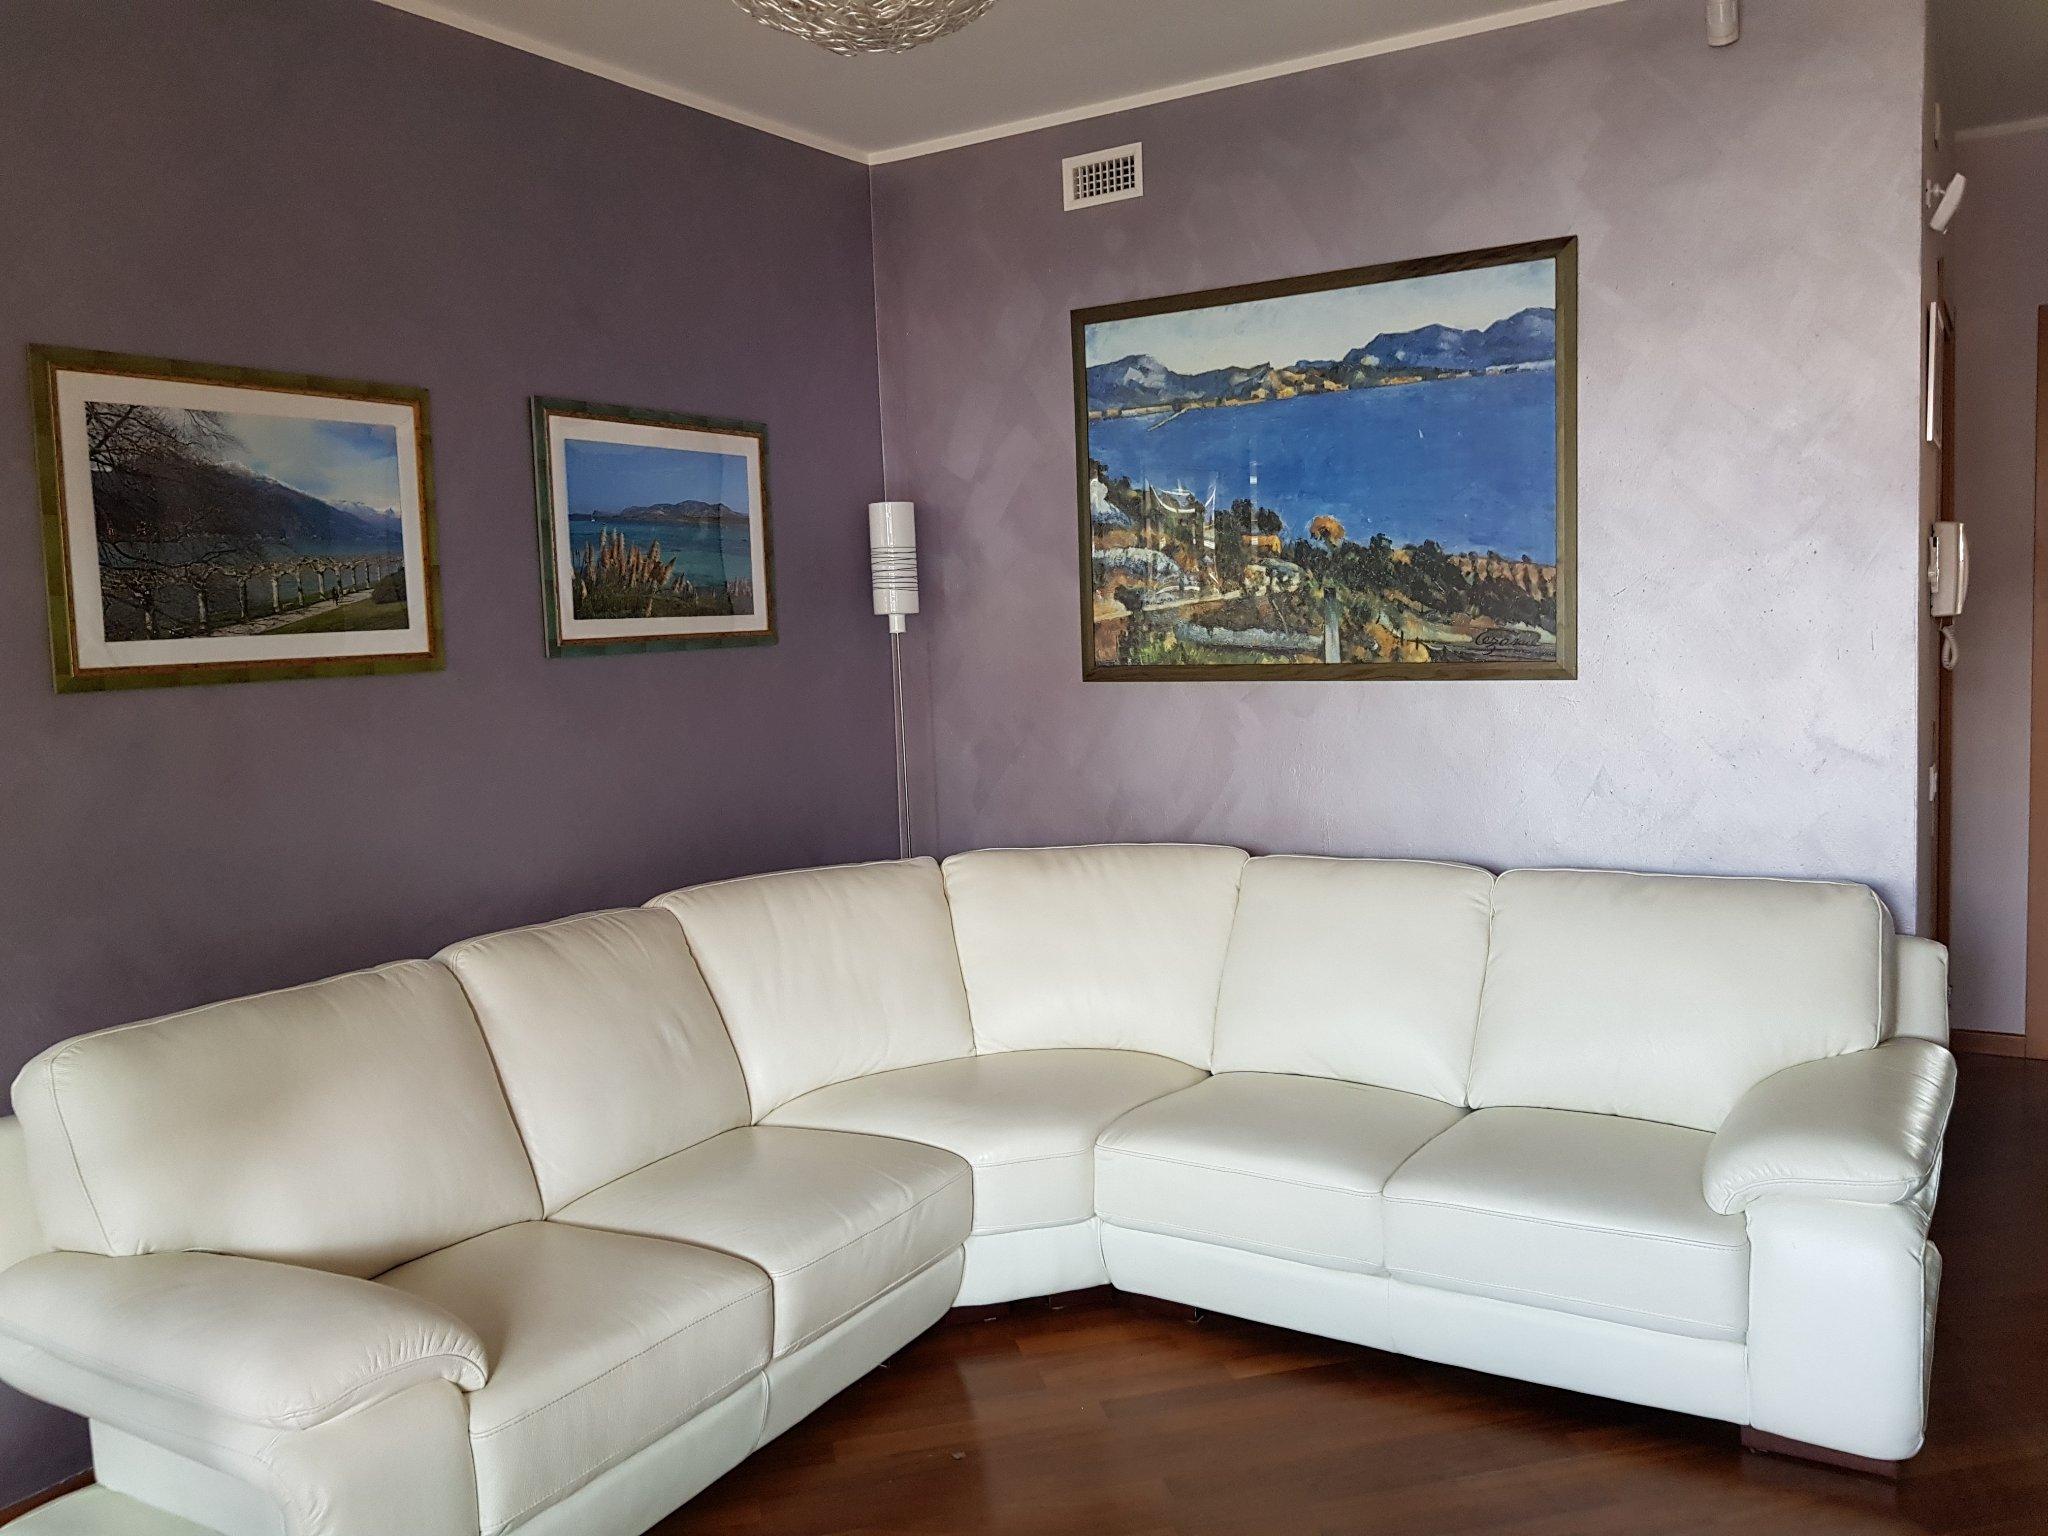 Imbiancatura appartamento arredato. Soffitto bianco e pareti colorate - Instapro